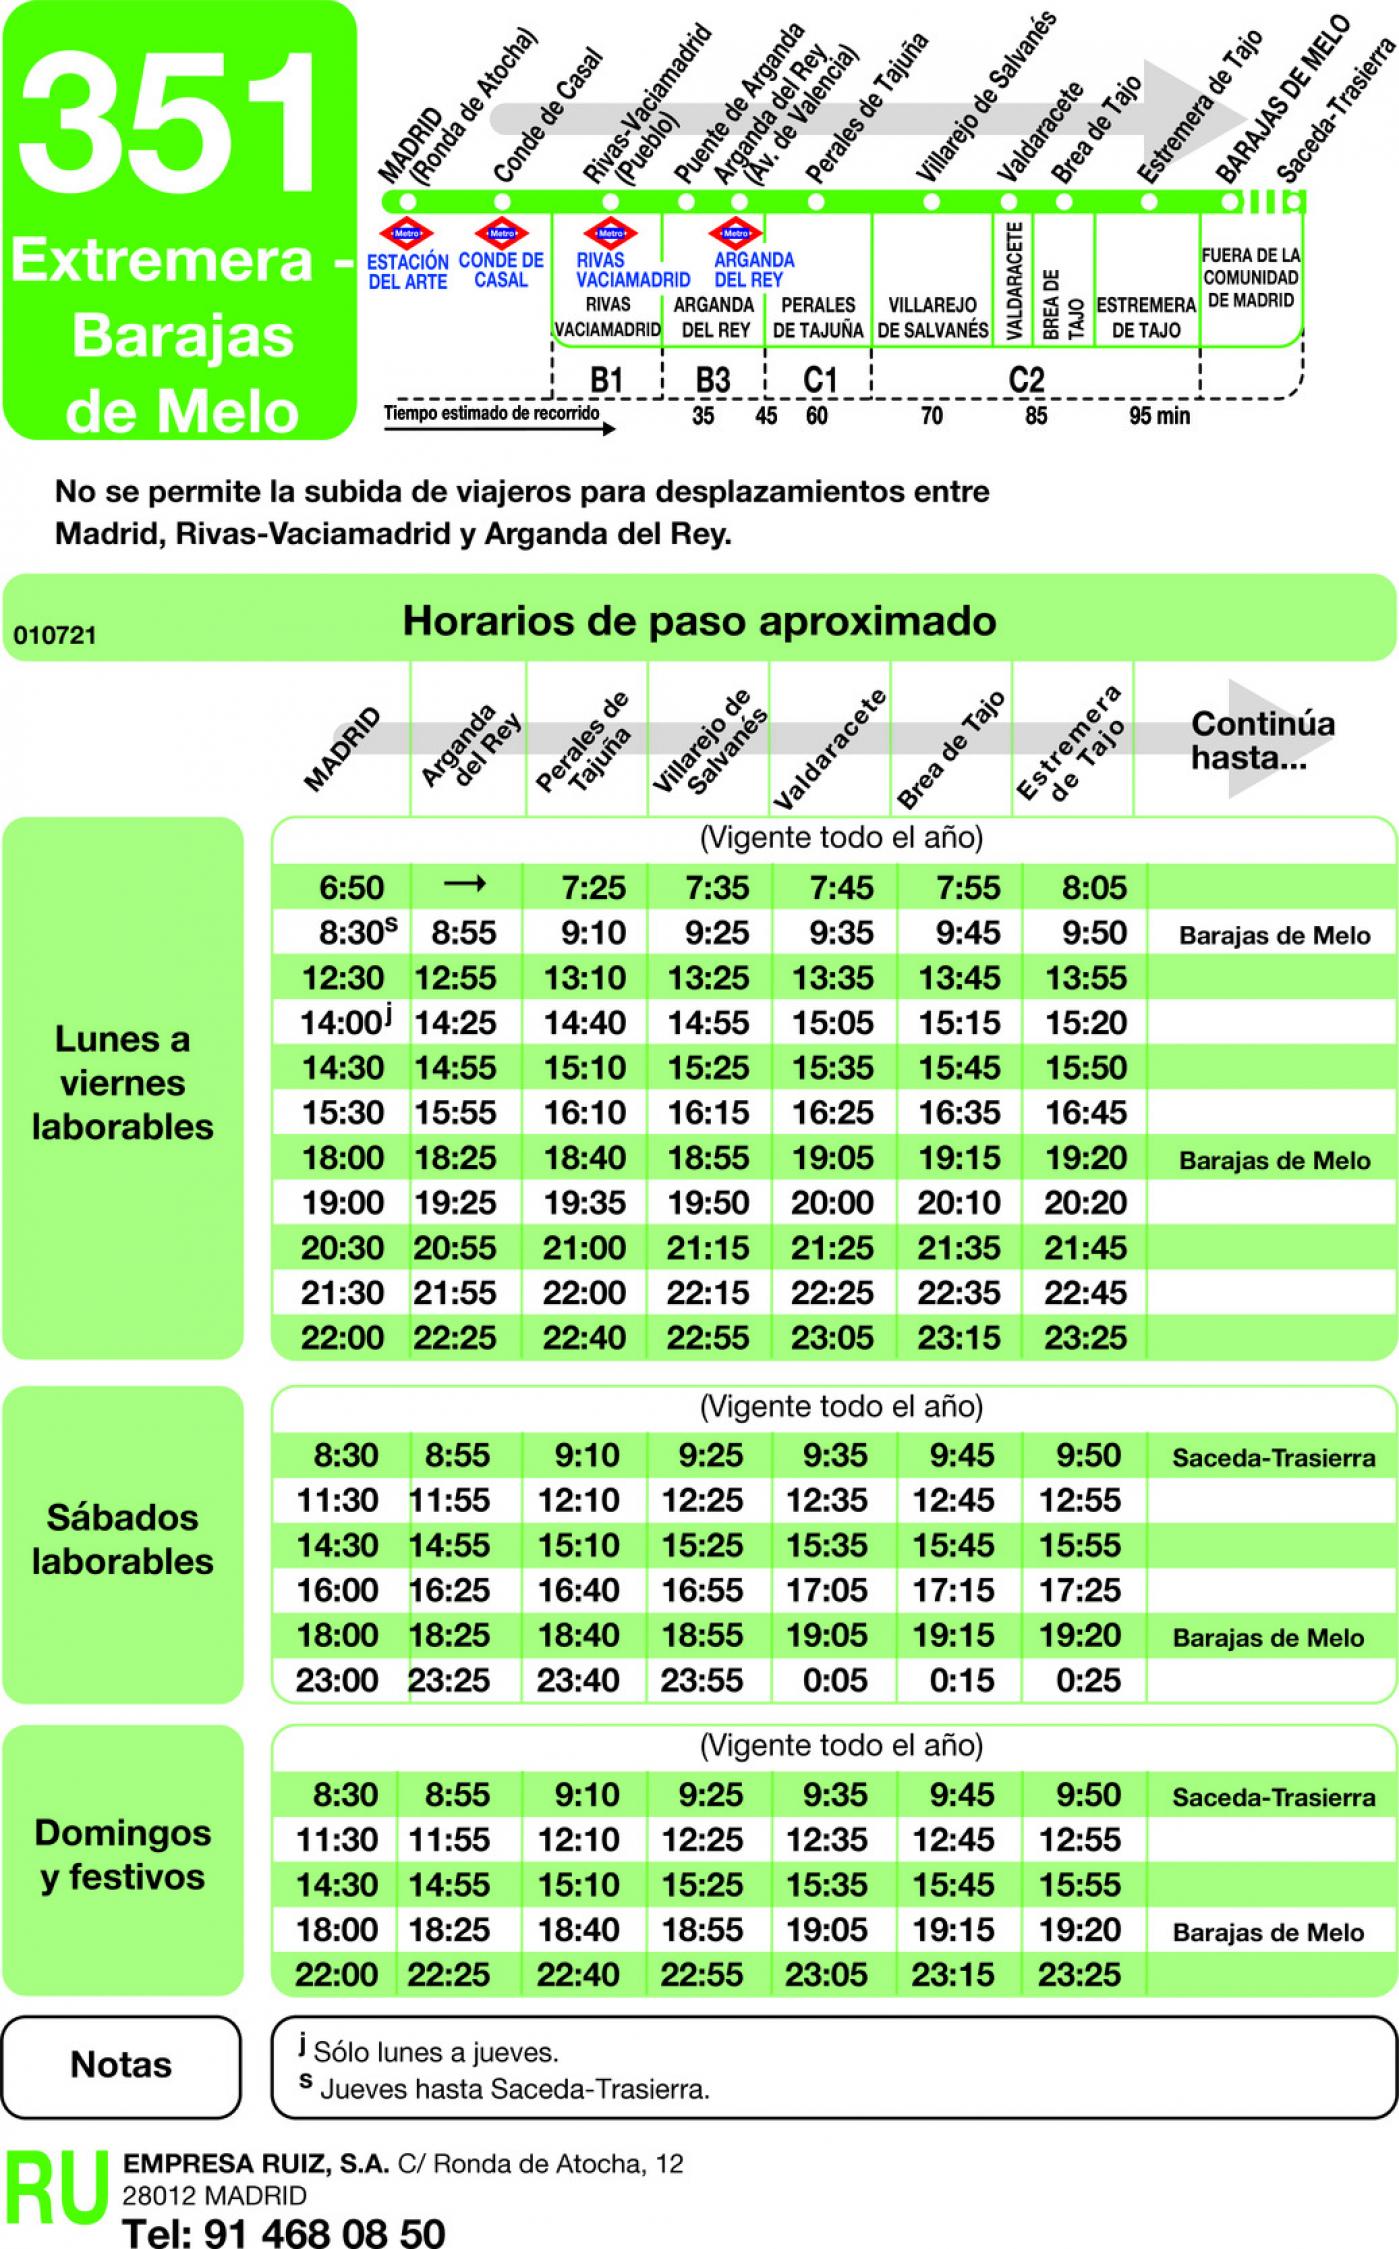 Tabla de horarios y frecuencias de paso en sentido ida Línea 351: Madrid (Ronda Atocha) - Estremera - Barajas de Melo